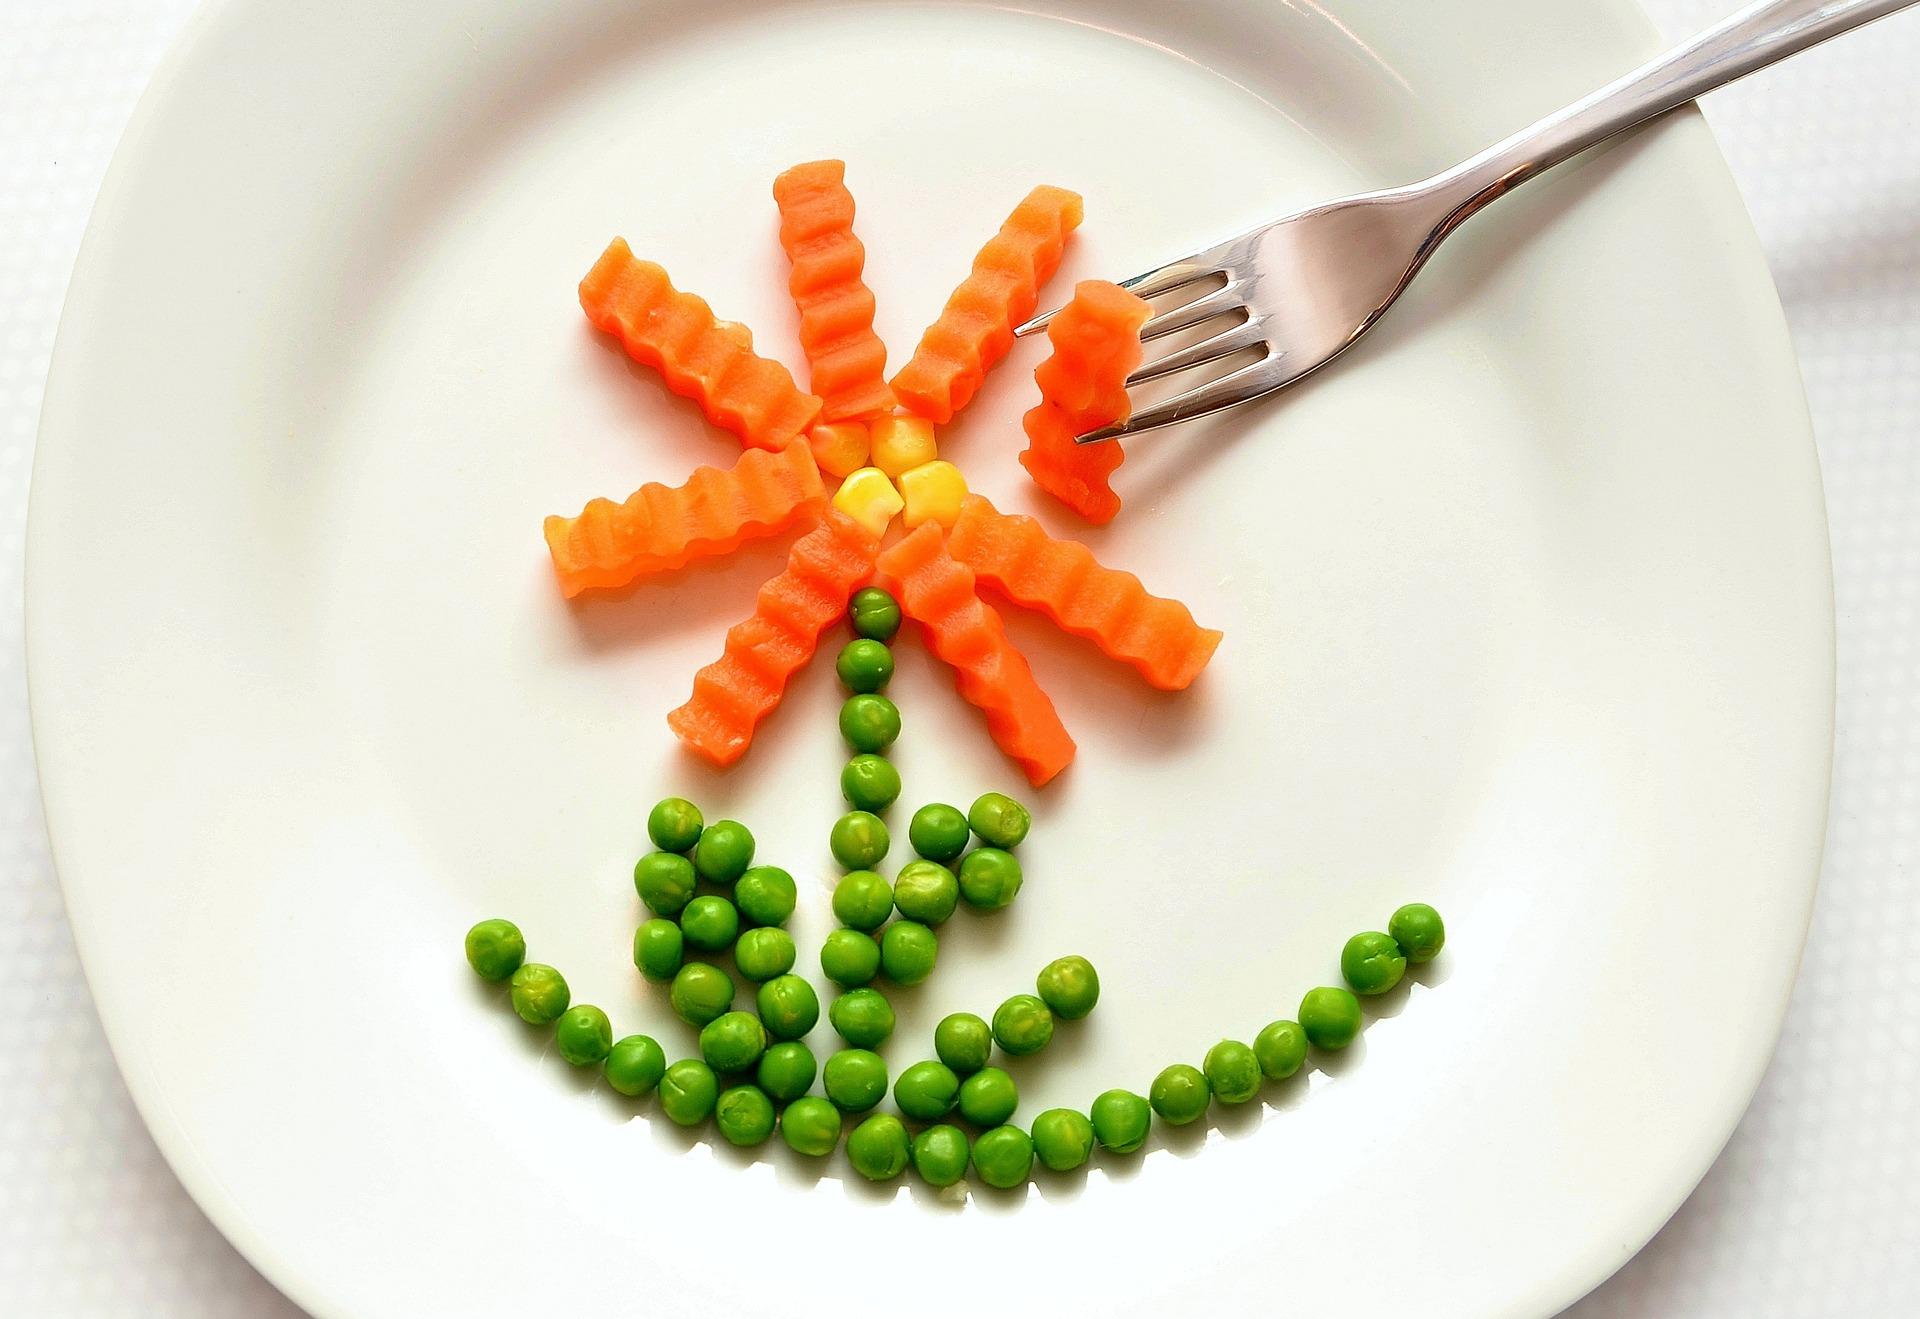 pixabay - veggies